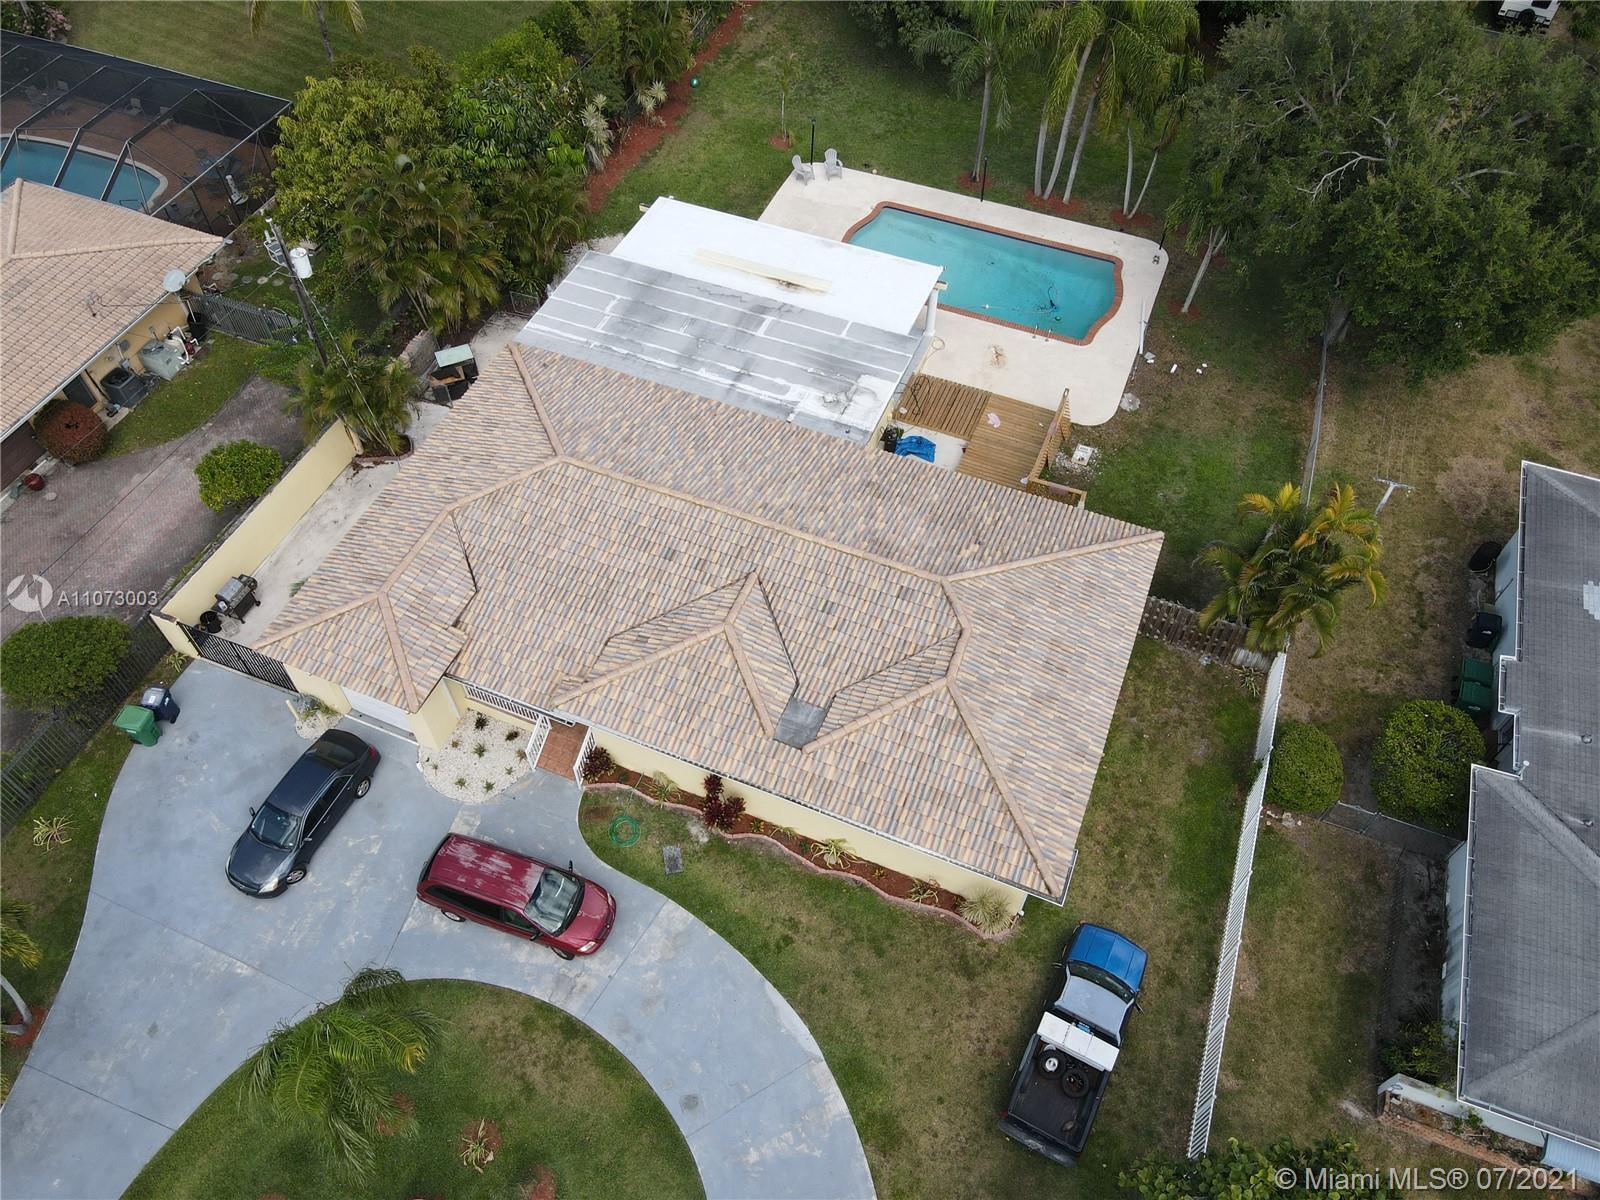 South Miami - 7825 SW 72nd Ave, Miami, FL 33143